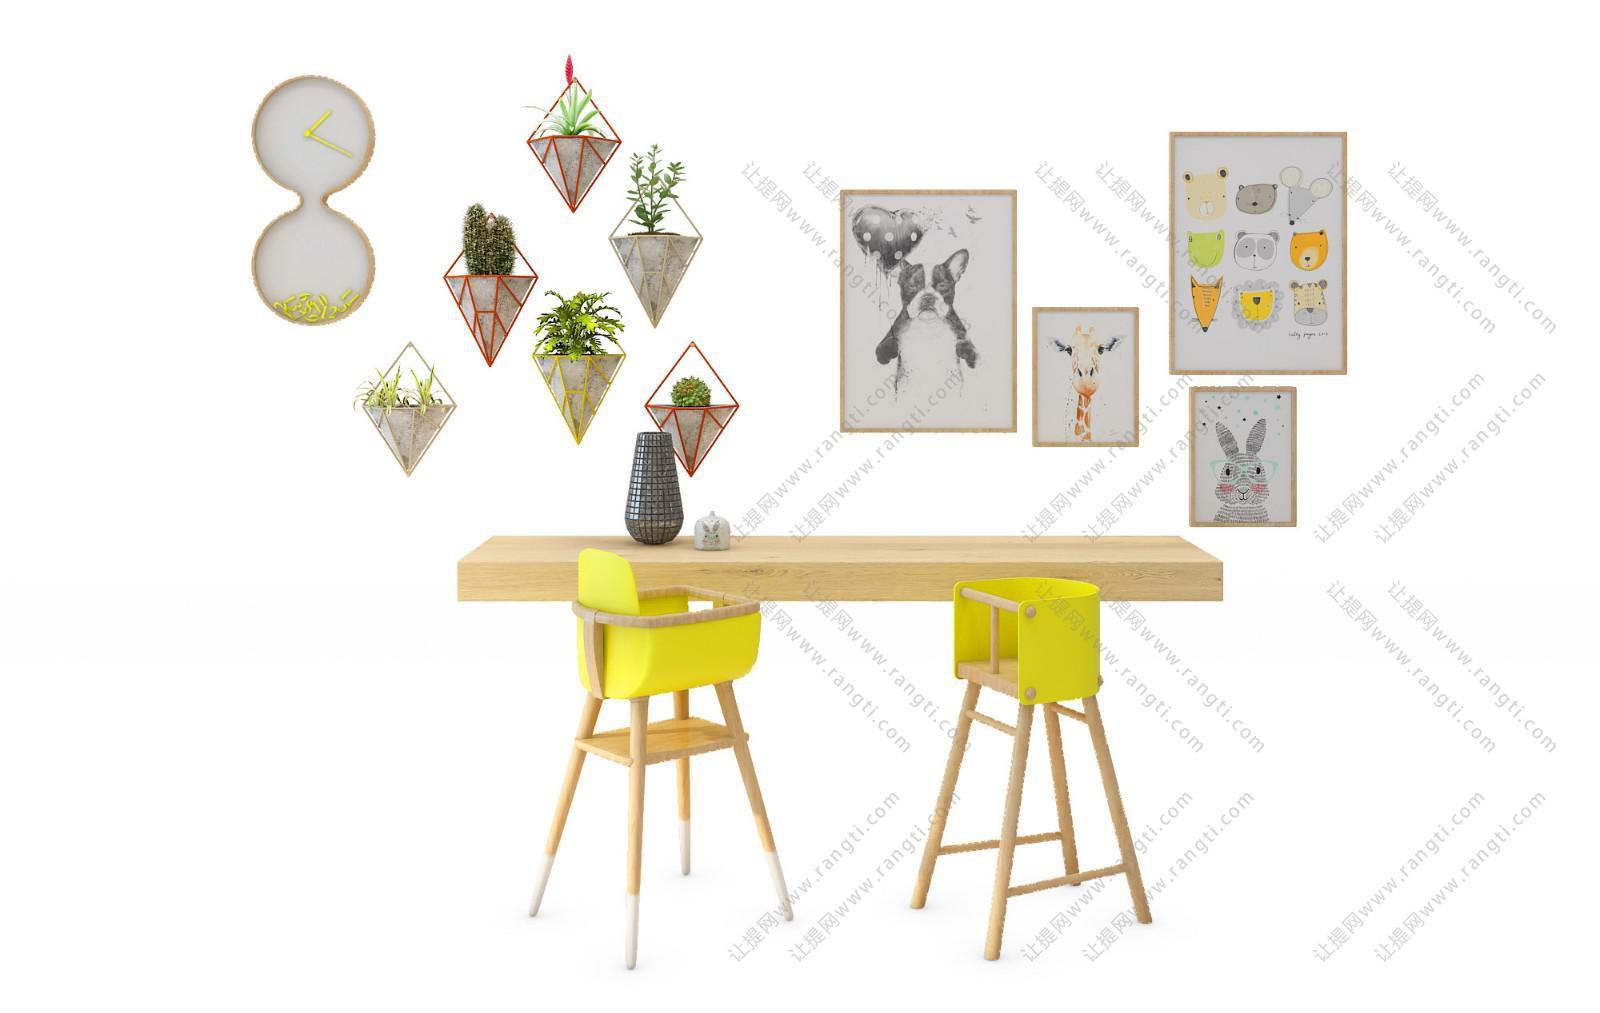 现代实木吧台、儿童餐桌椅组合3D模型